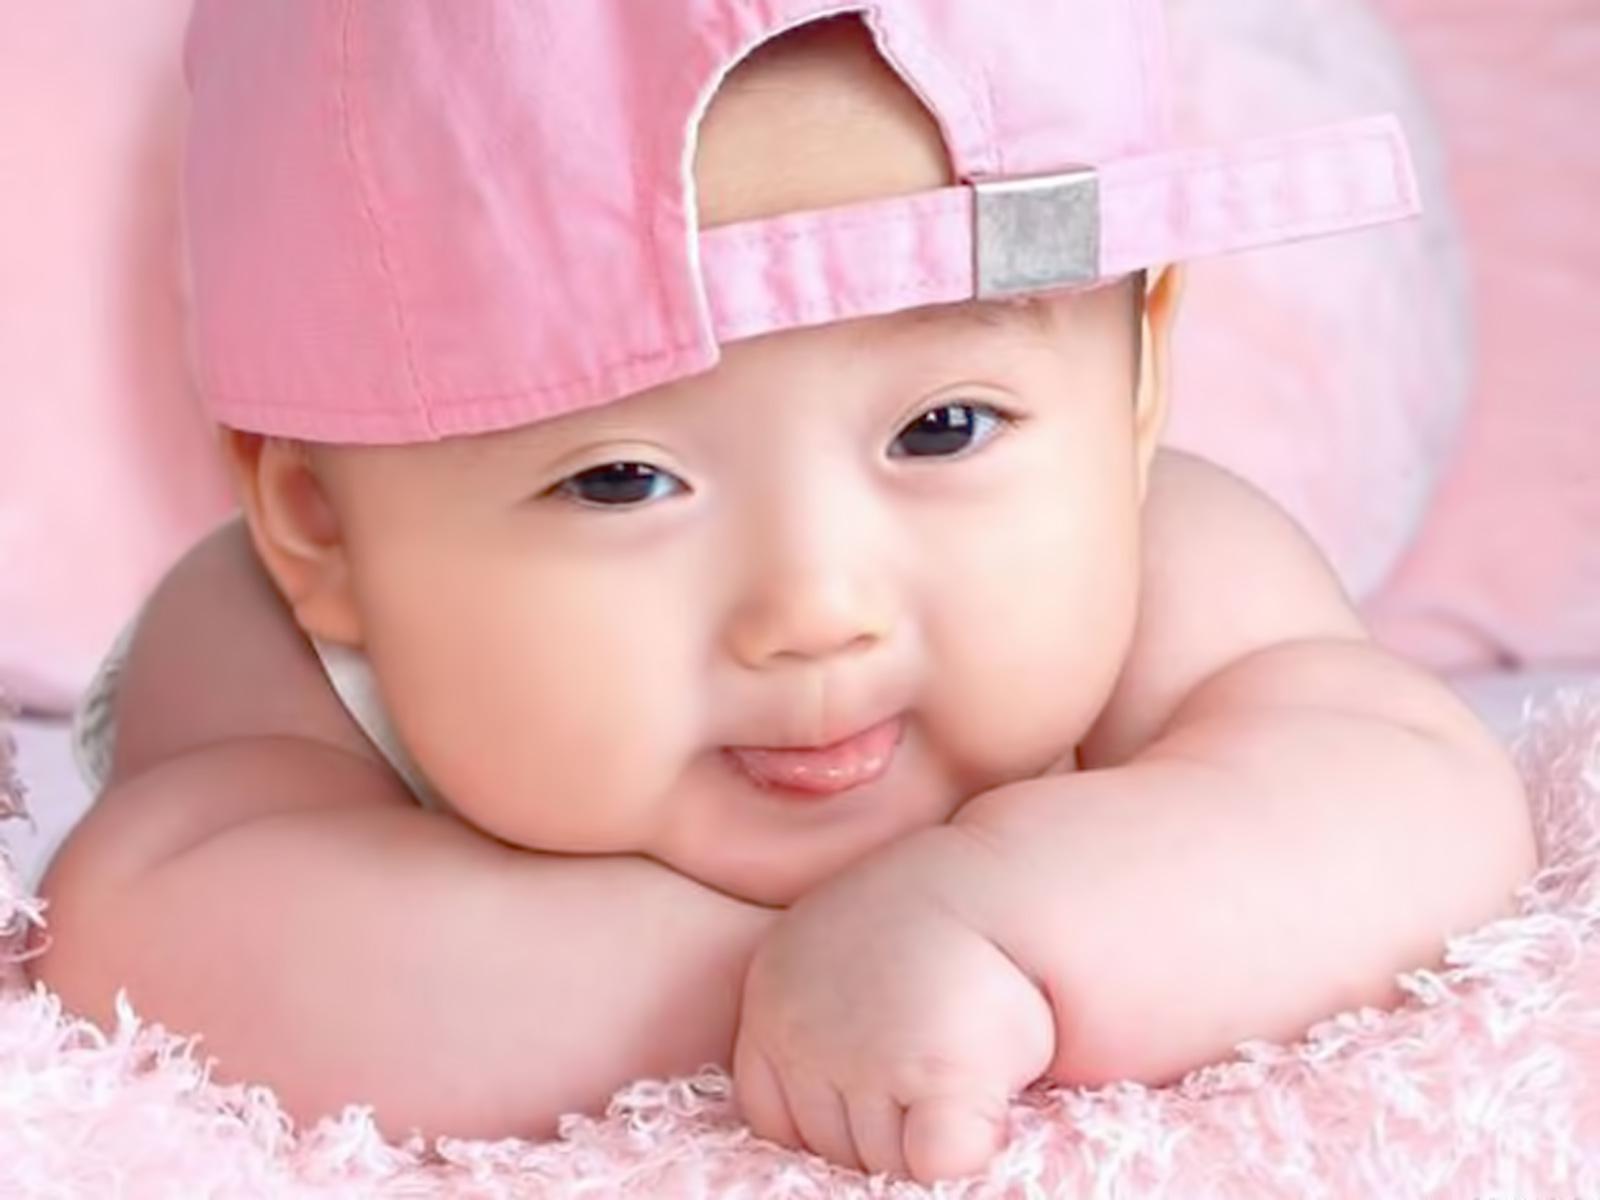 بالصور صور اطفال كول , لعشاق الاطفال وابتسامتهم 3933 5